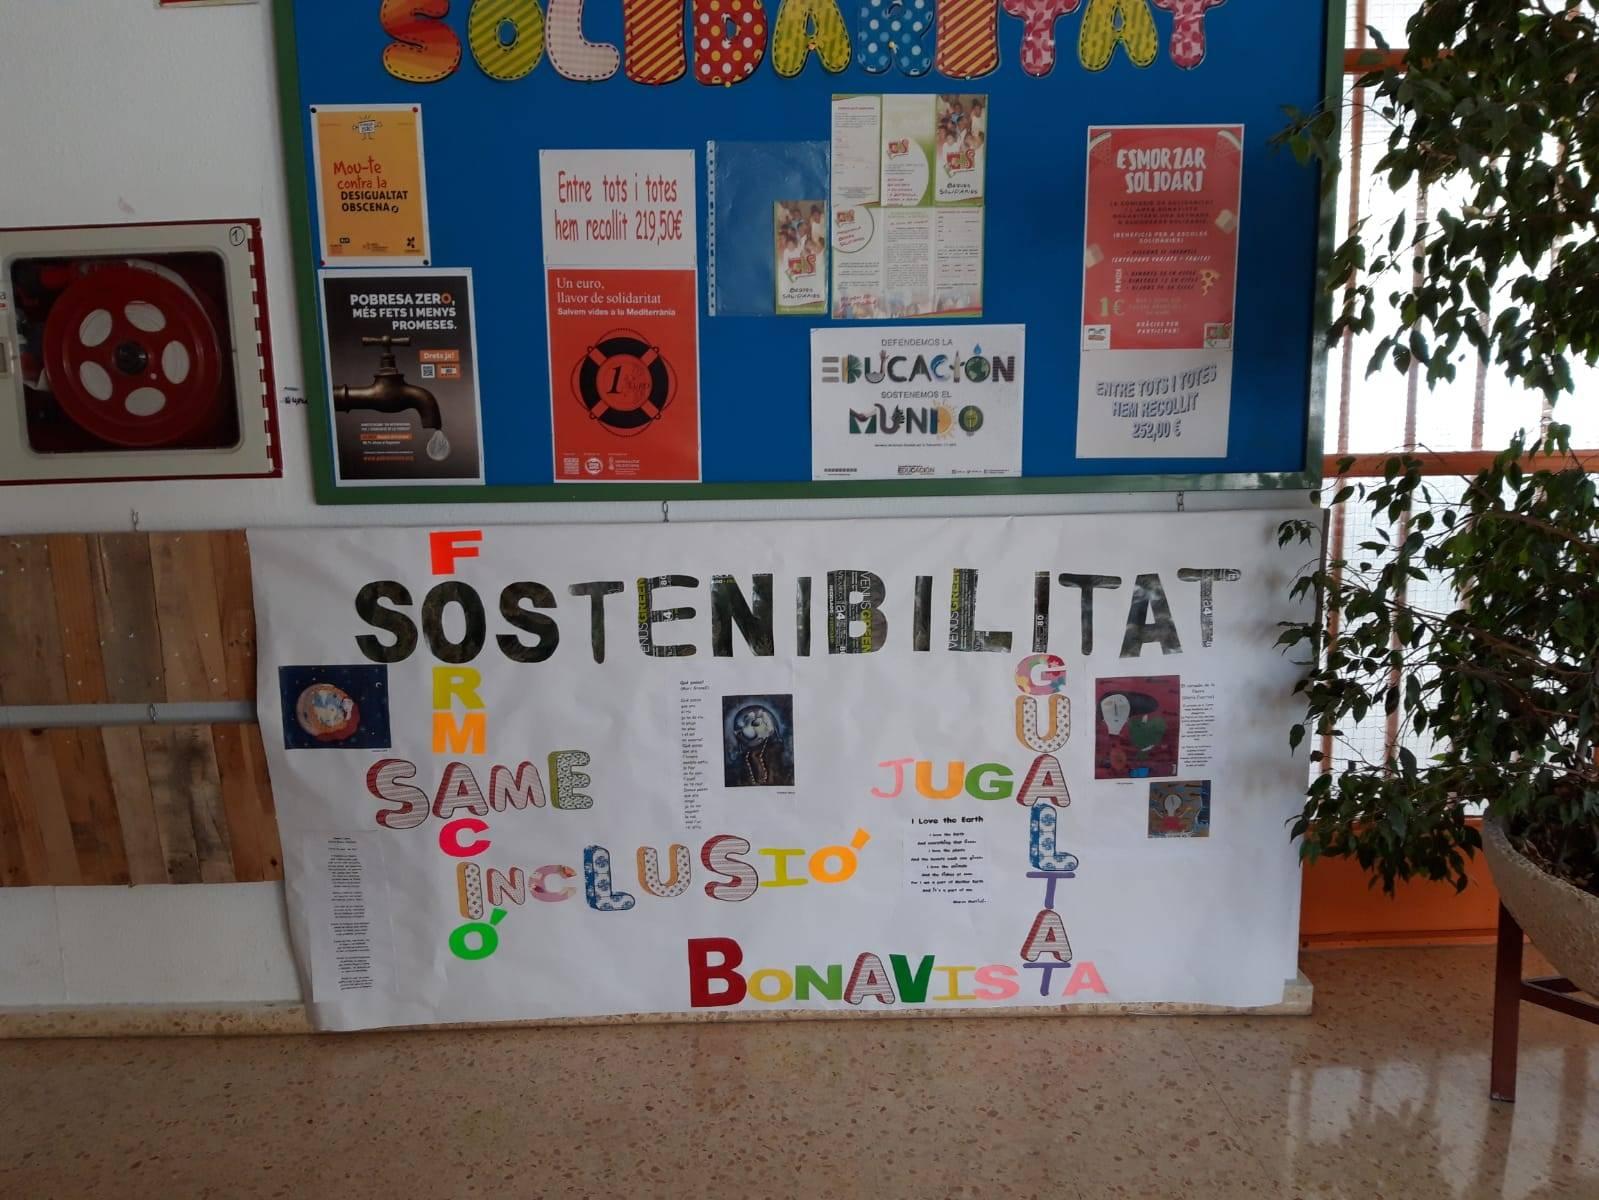 El CEIP Bonavista d'Ontinyent participa en la Setmana d'Acció Mundial per l'Educació